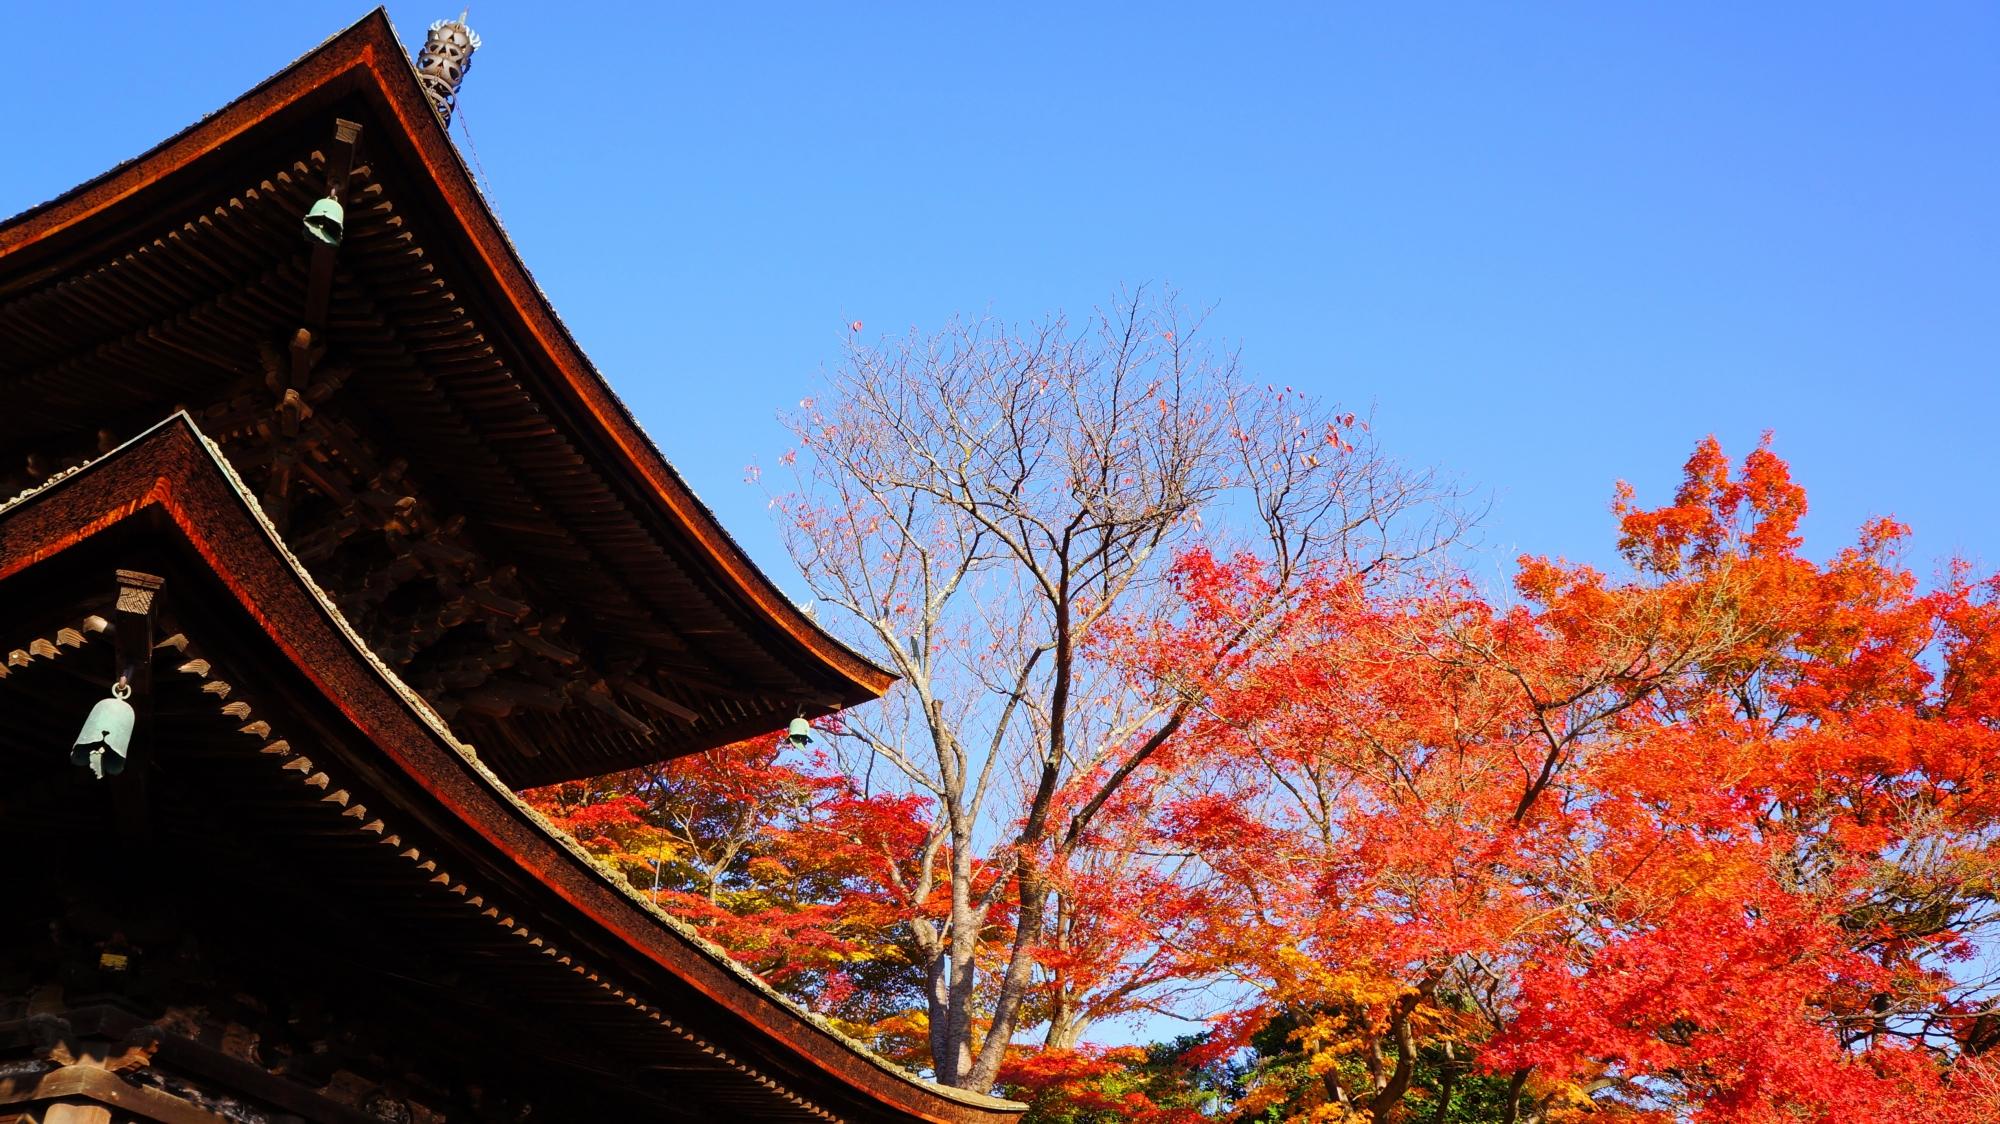 多宝塔と青空に映える鮮やかな紅葉